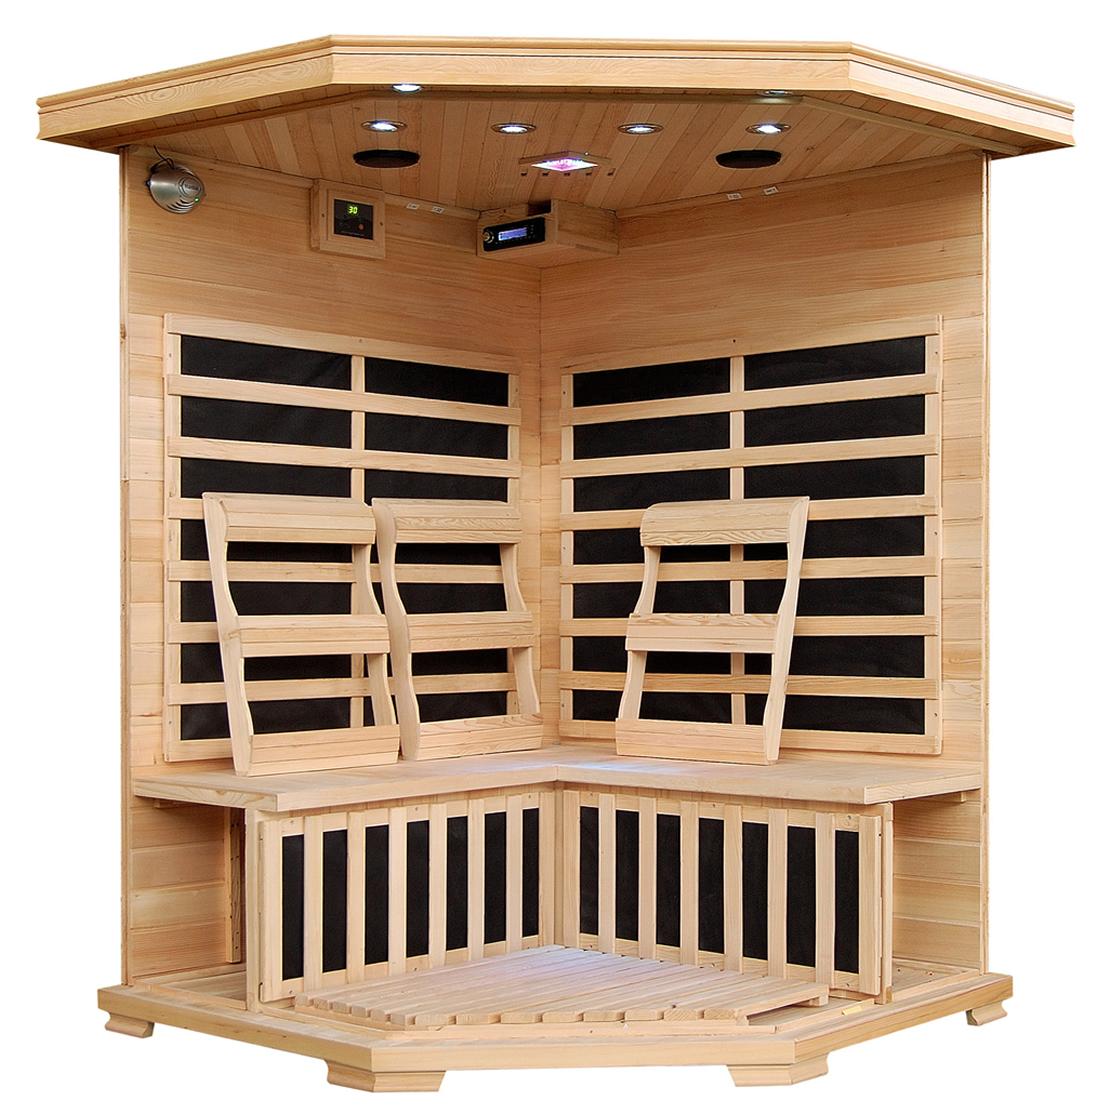 blue wave heatwave hudson bay sauna 3 person corner cedar. Black Bedroom Furniture Sets. Home Design Ideas